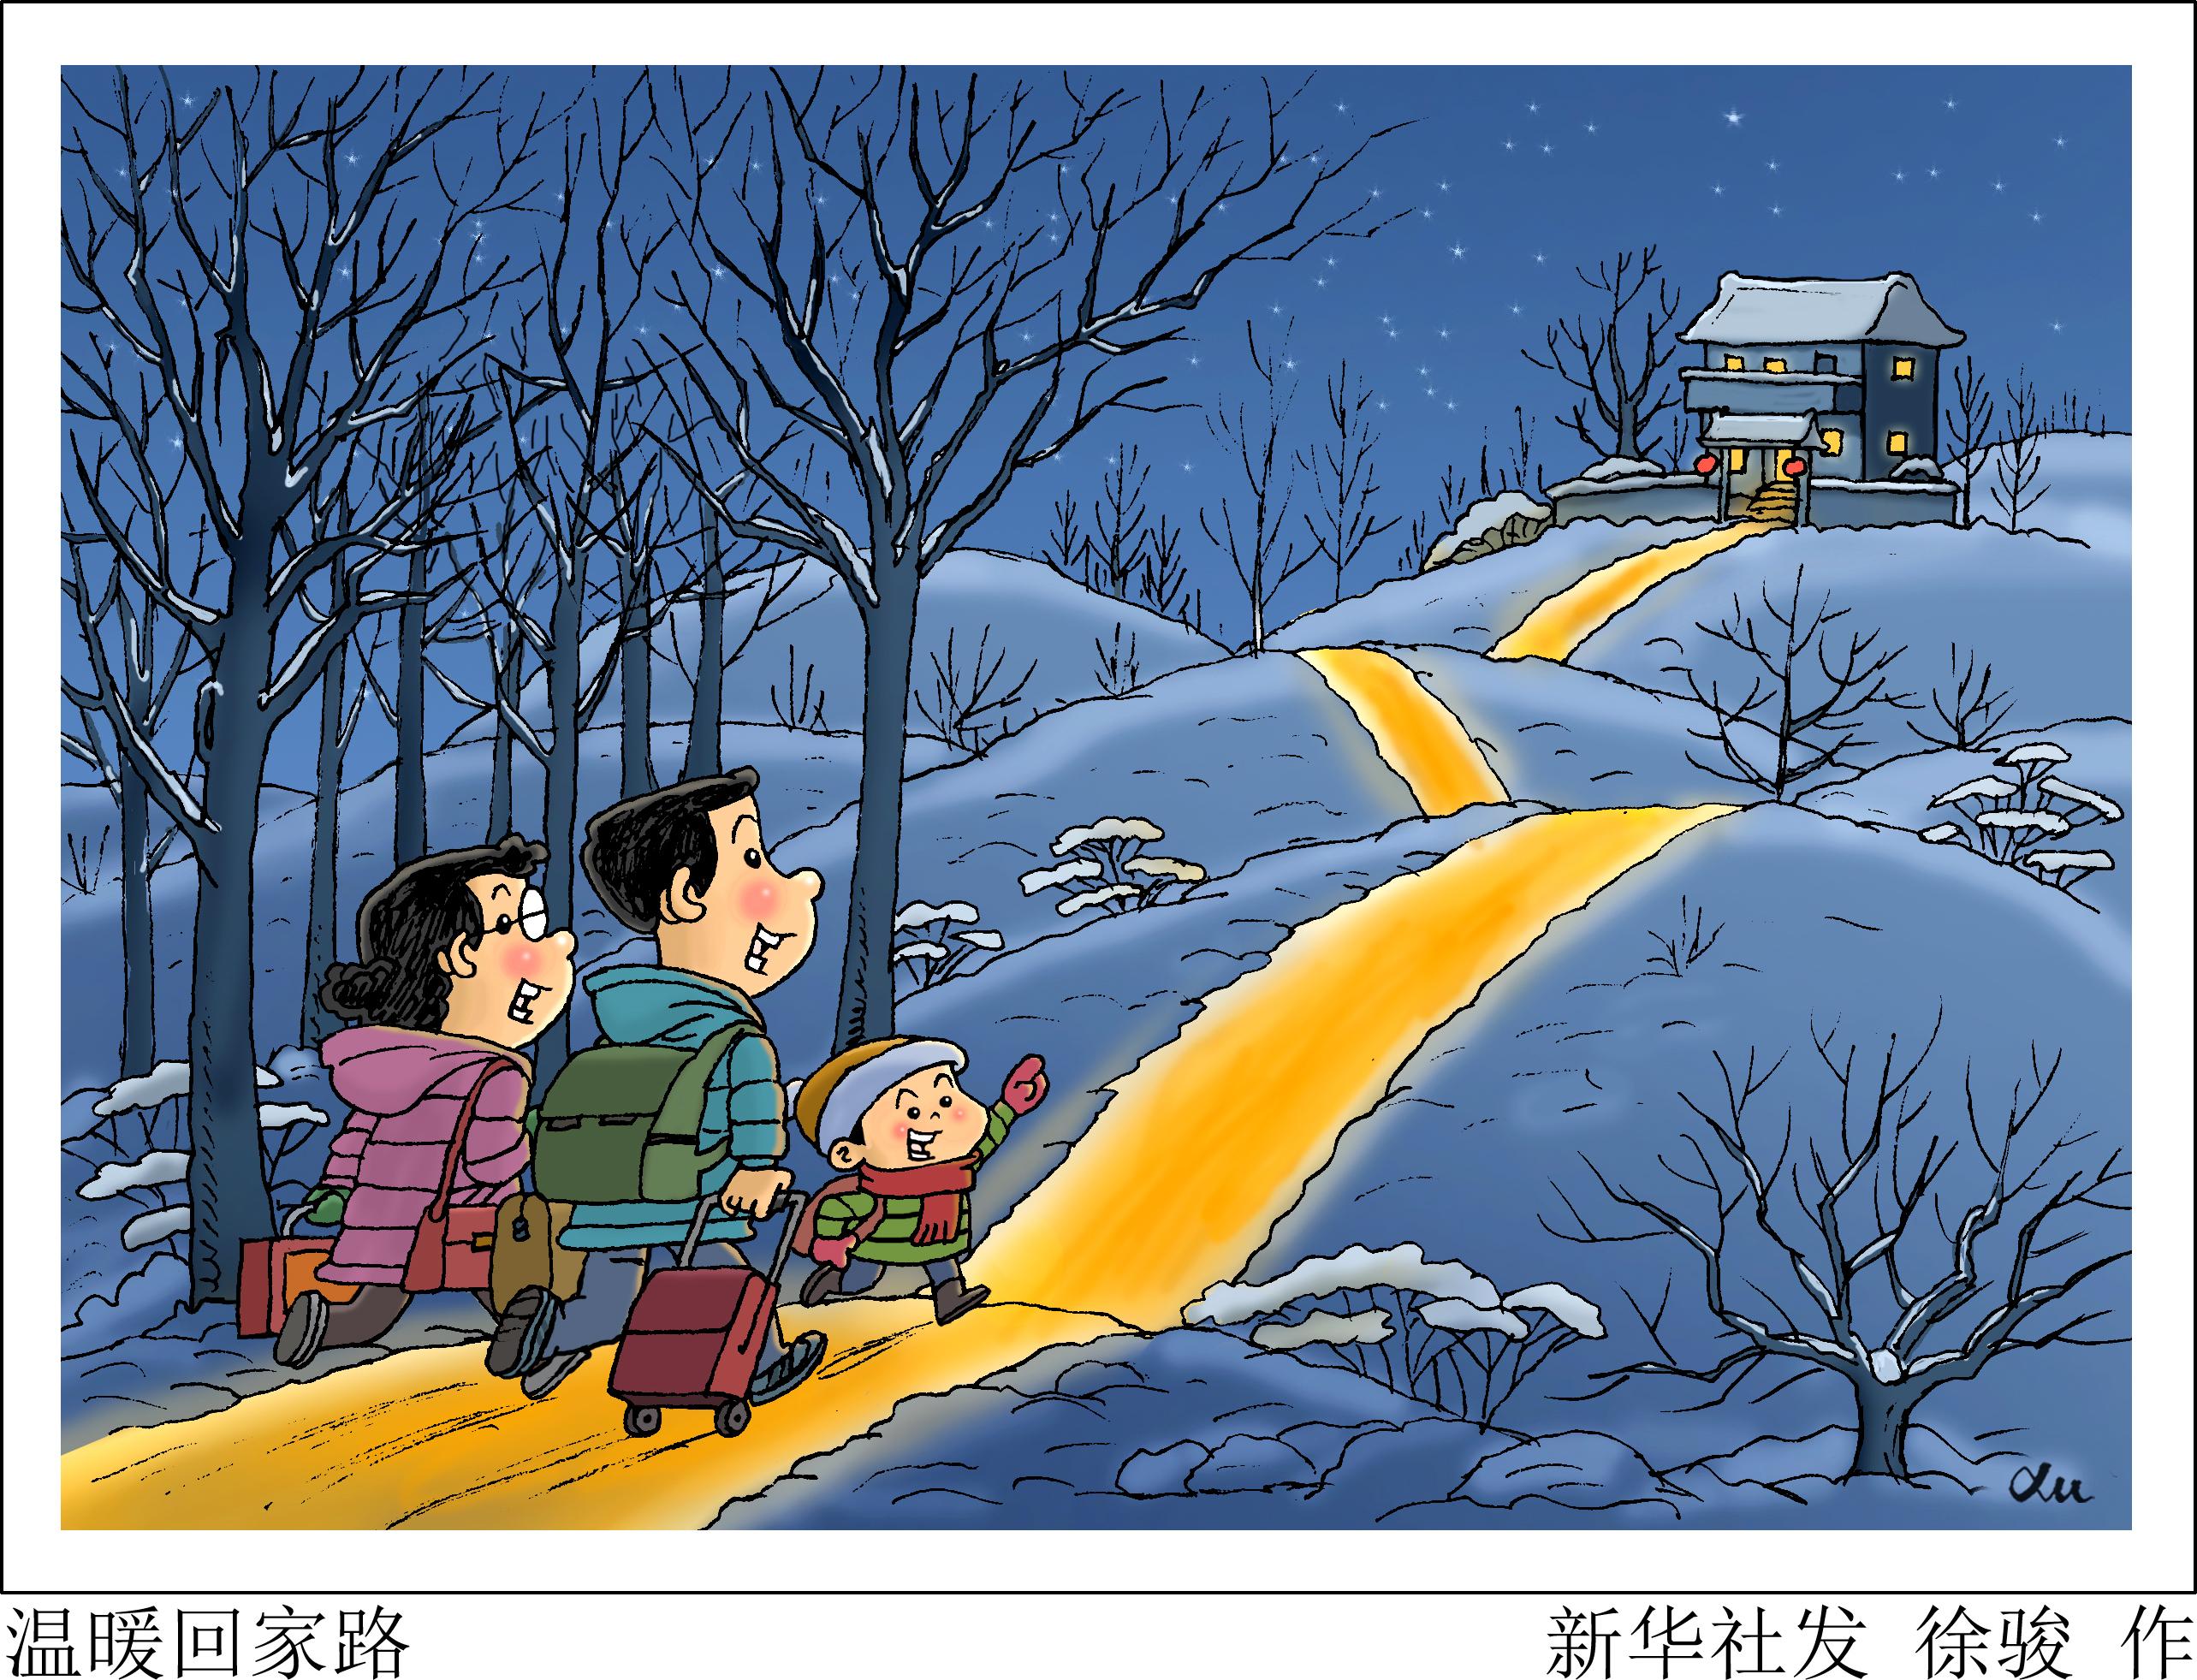 漫画:温暖回家路